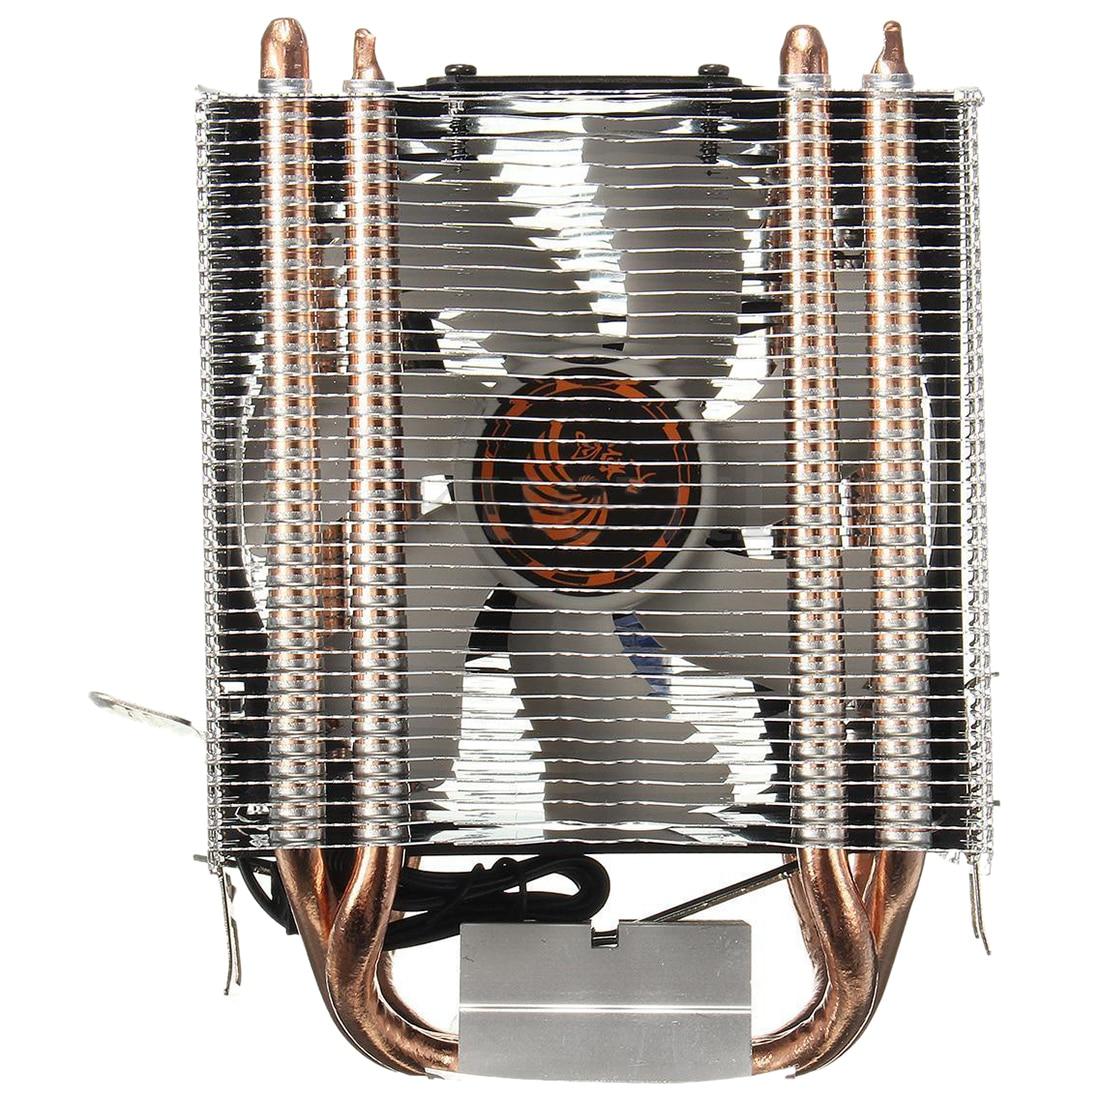 4 Heatpipe Cpu-kühler Kühlkörper für Intel LGA 1150 1151 1155 775 1156 (FÜR AMD) Neue